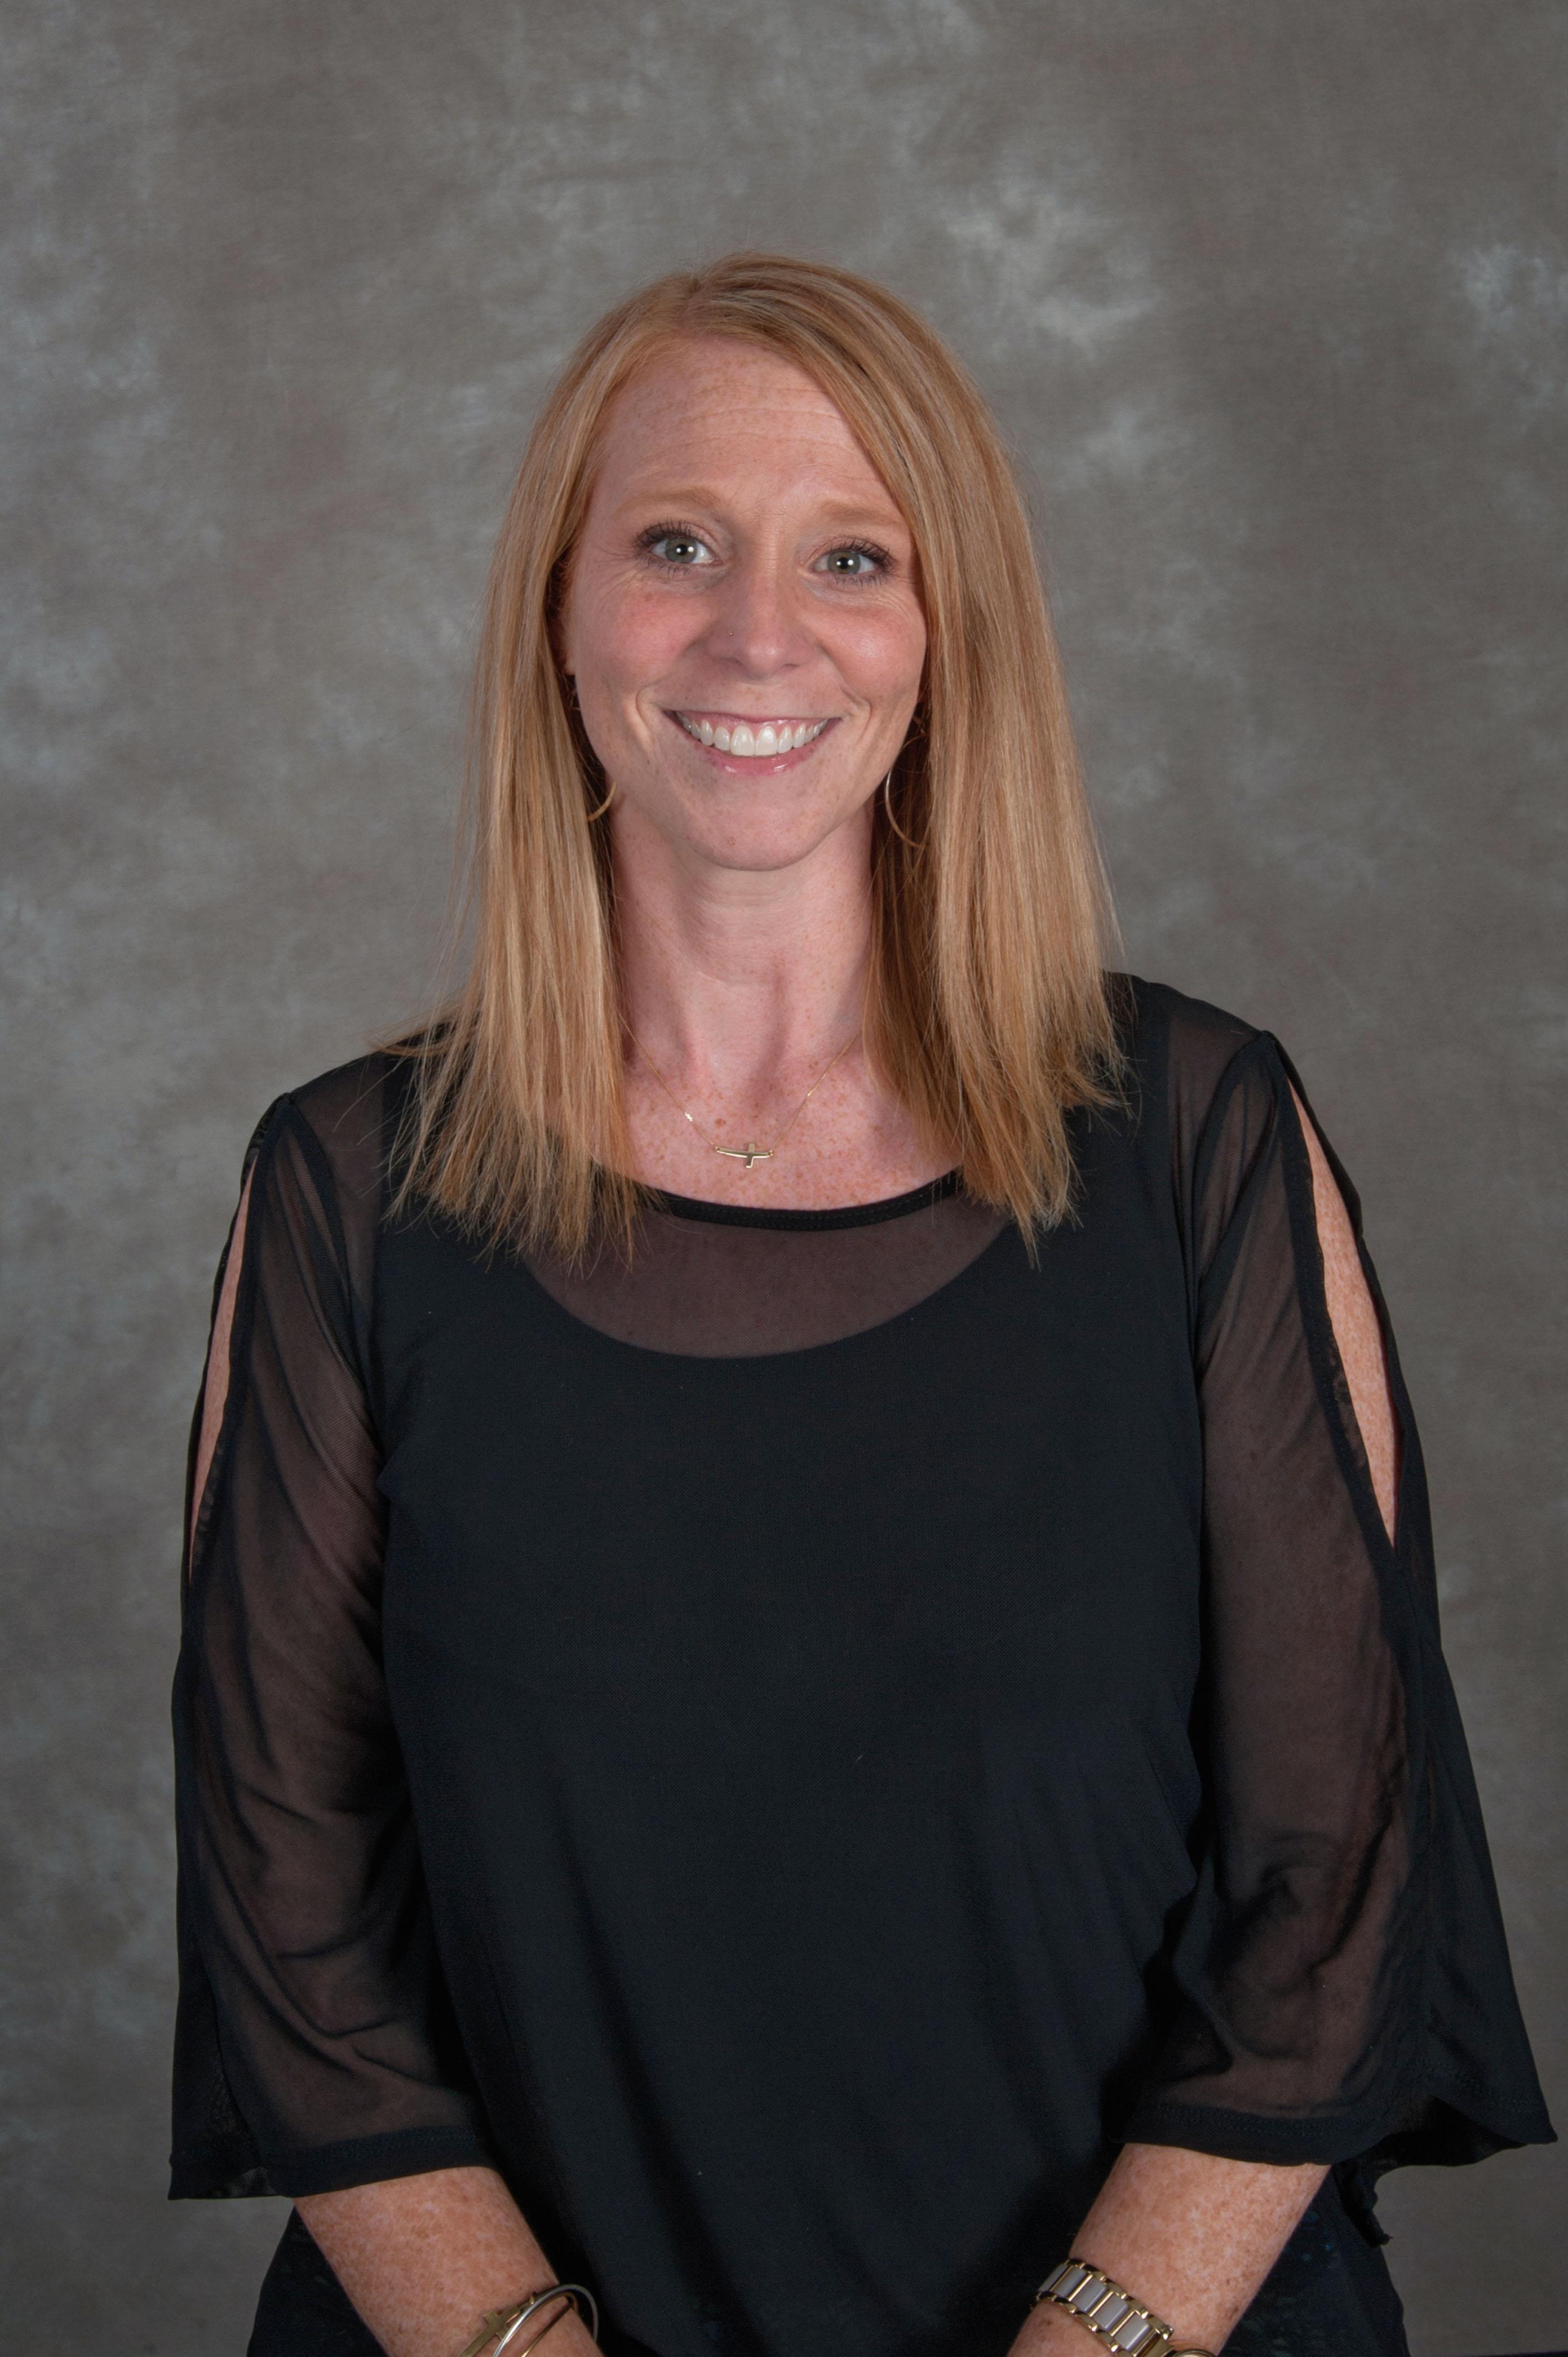 Amy Farmer